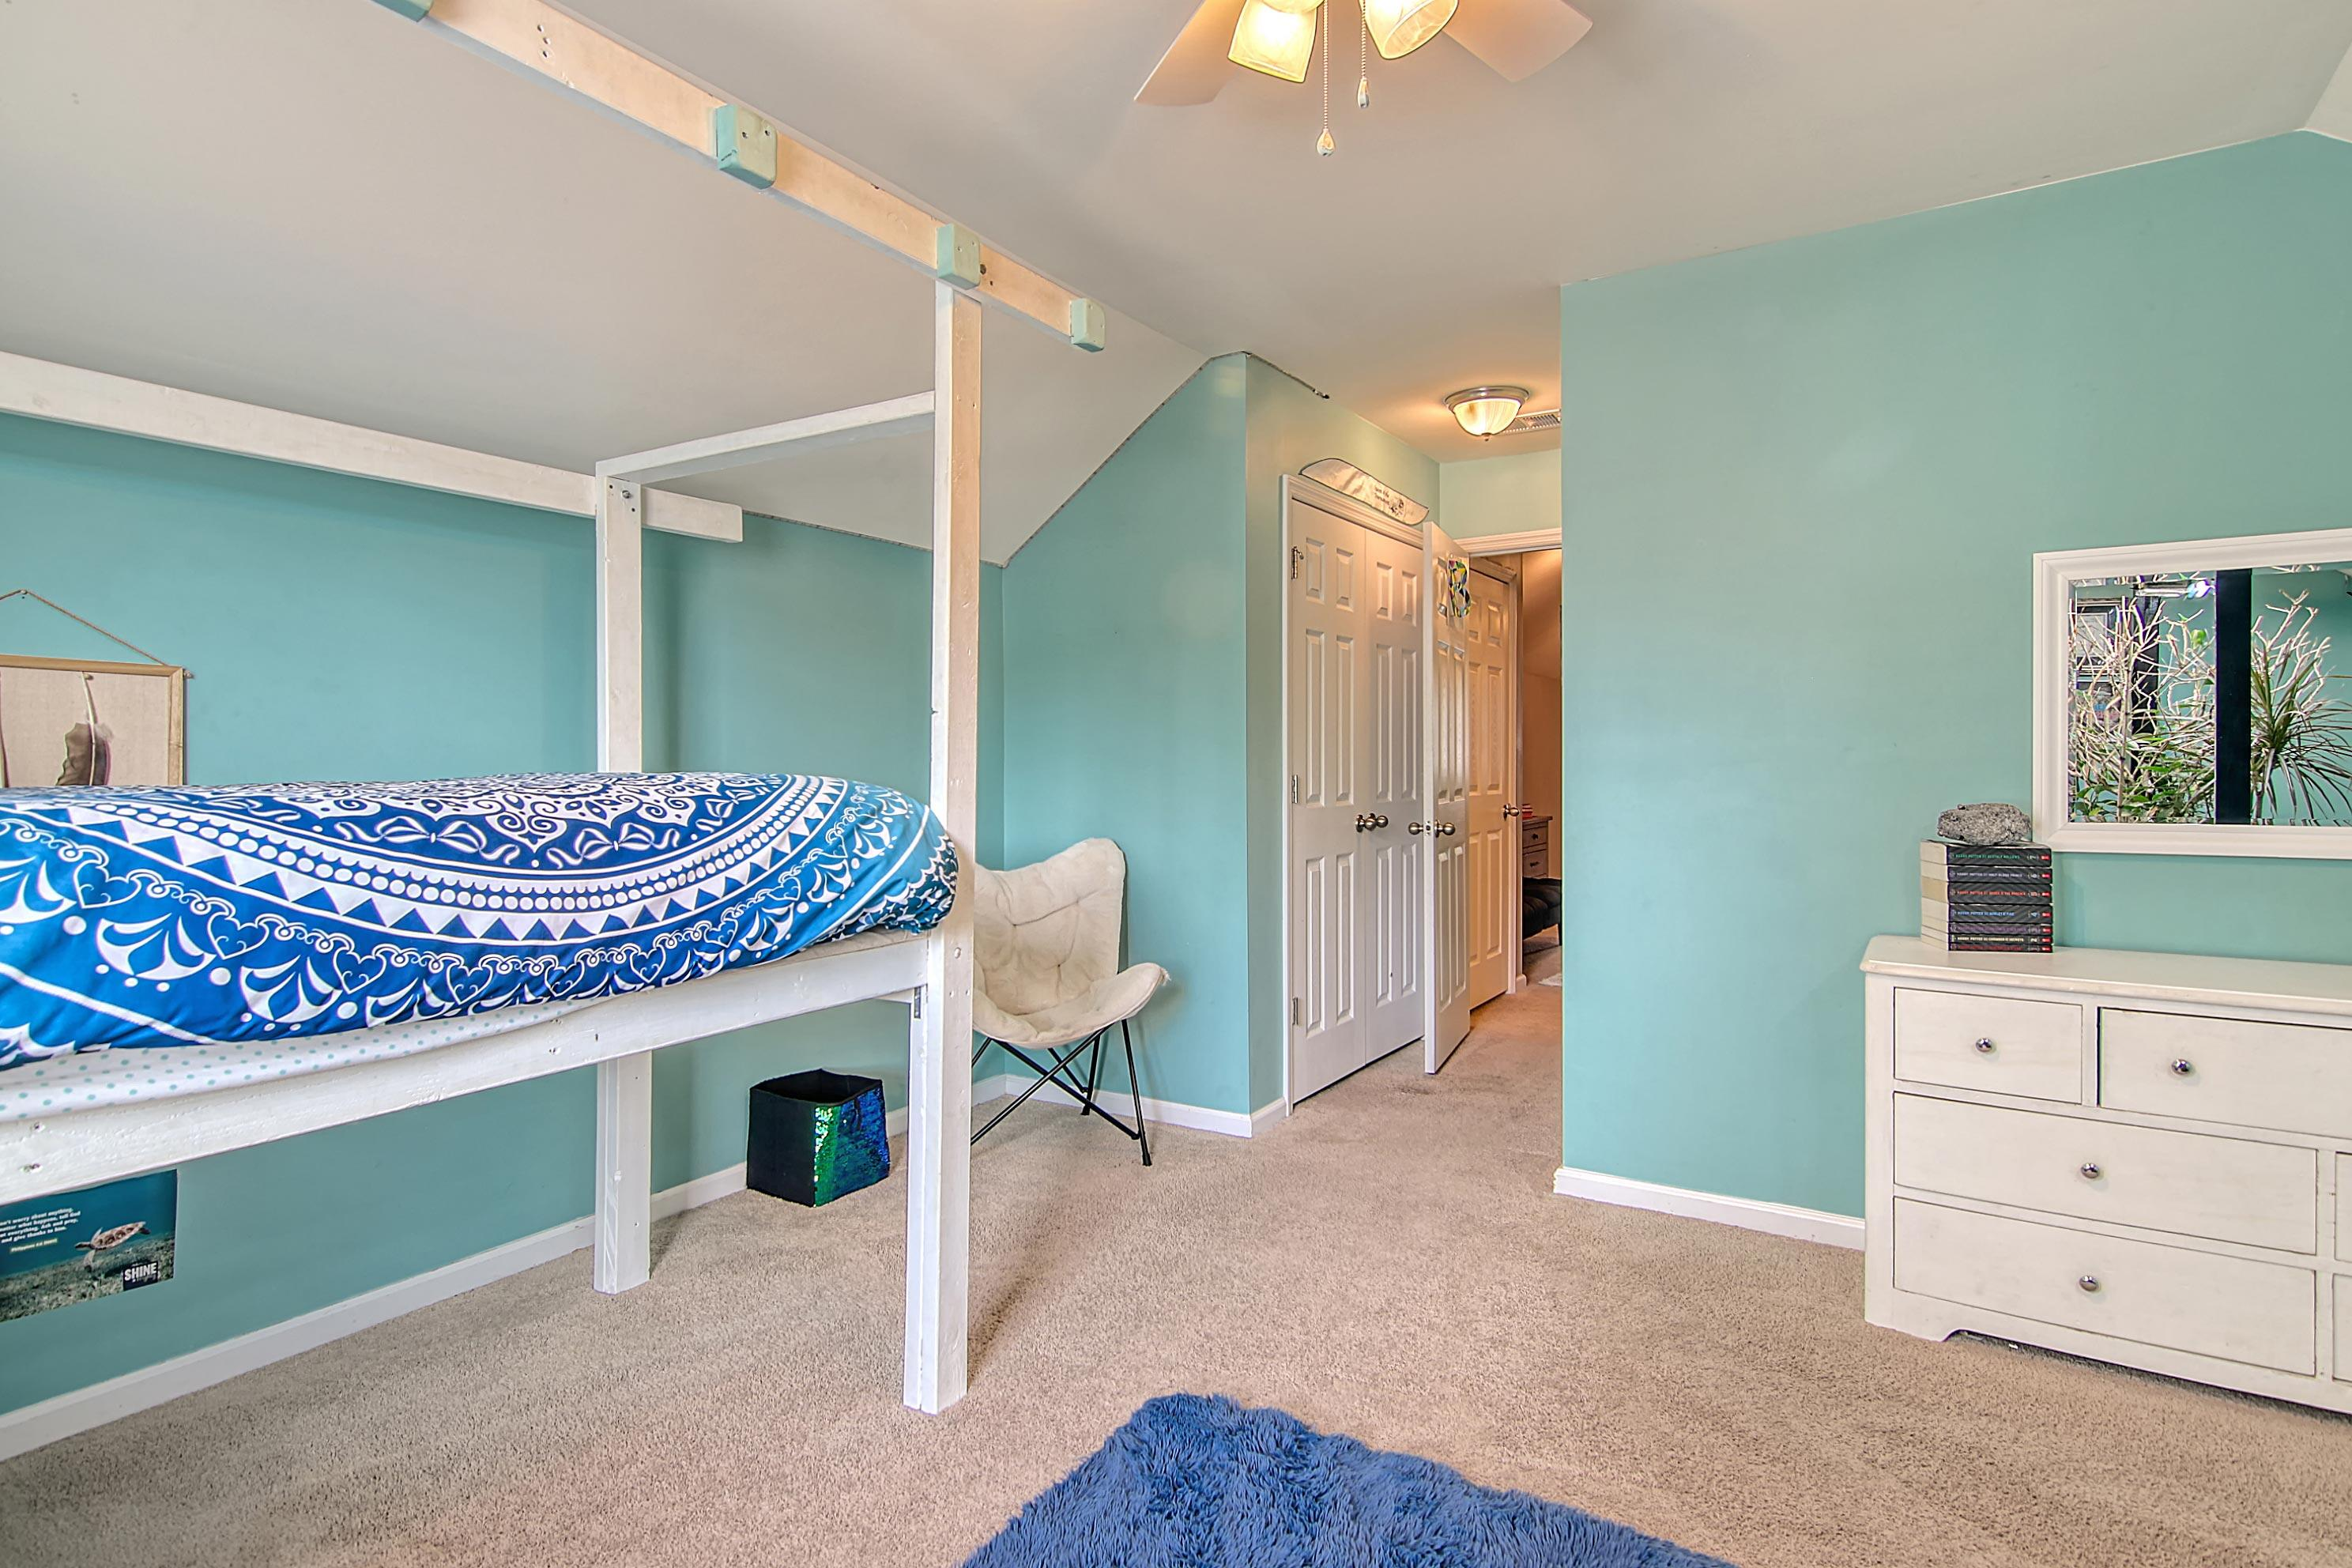 Lieben Park Homes For Sale - 3598 Franklin Tower, Mount Pleasant, SC - 17